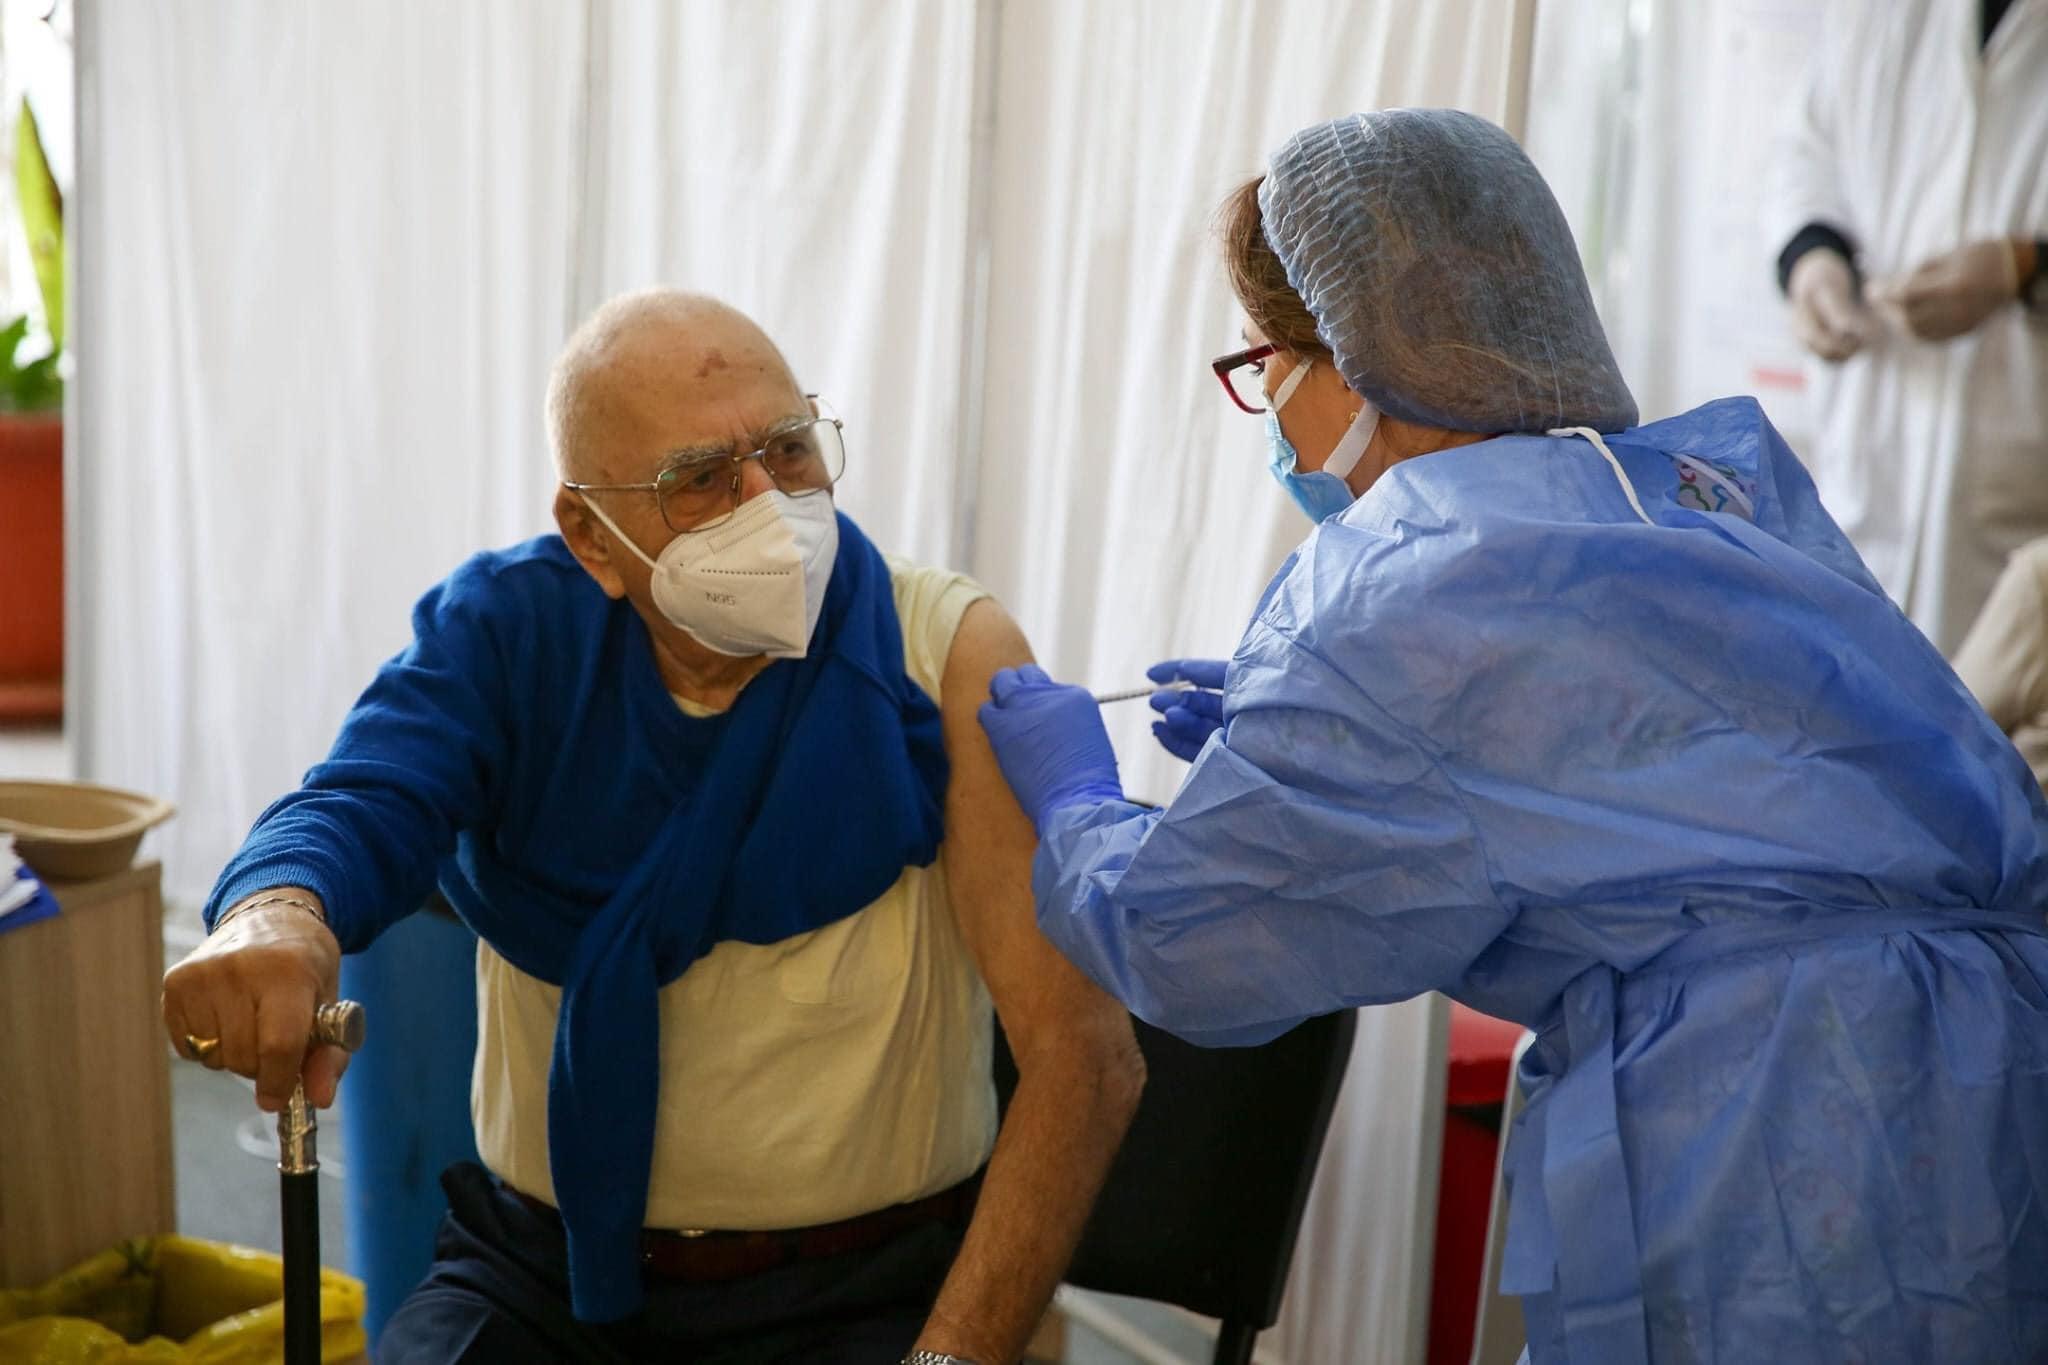 Peste 100 de medici de familie sibieni vor să se implice în vaccinarea împotriva COVID-19. Rămâne problema organizării